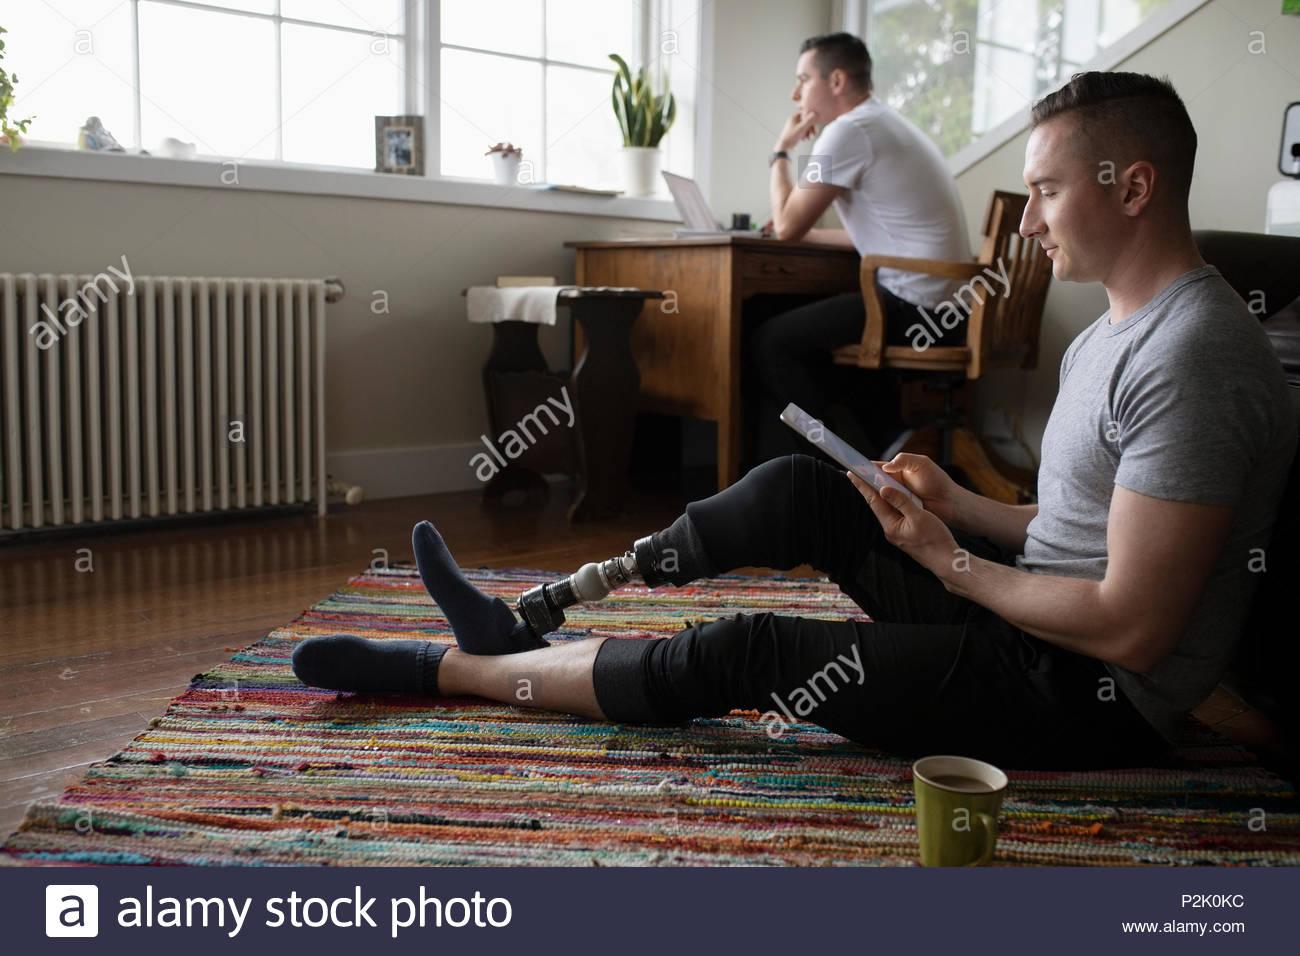 Gay amputee pics